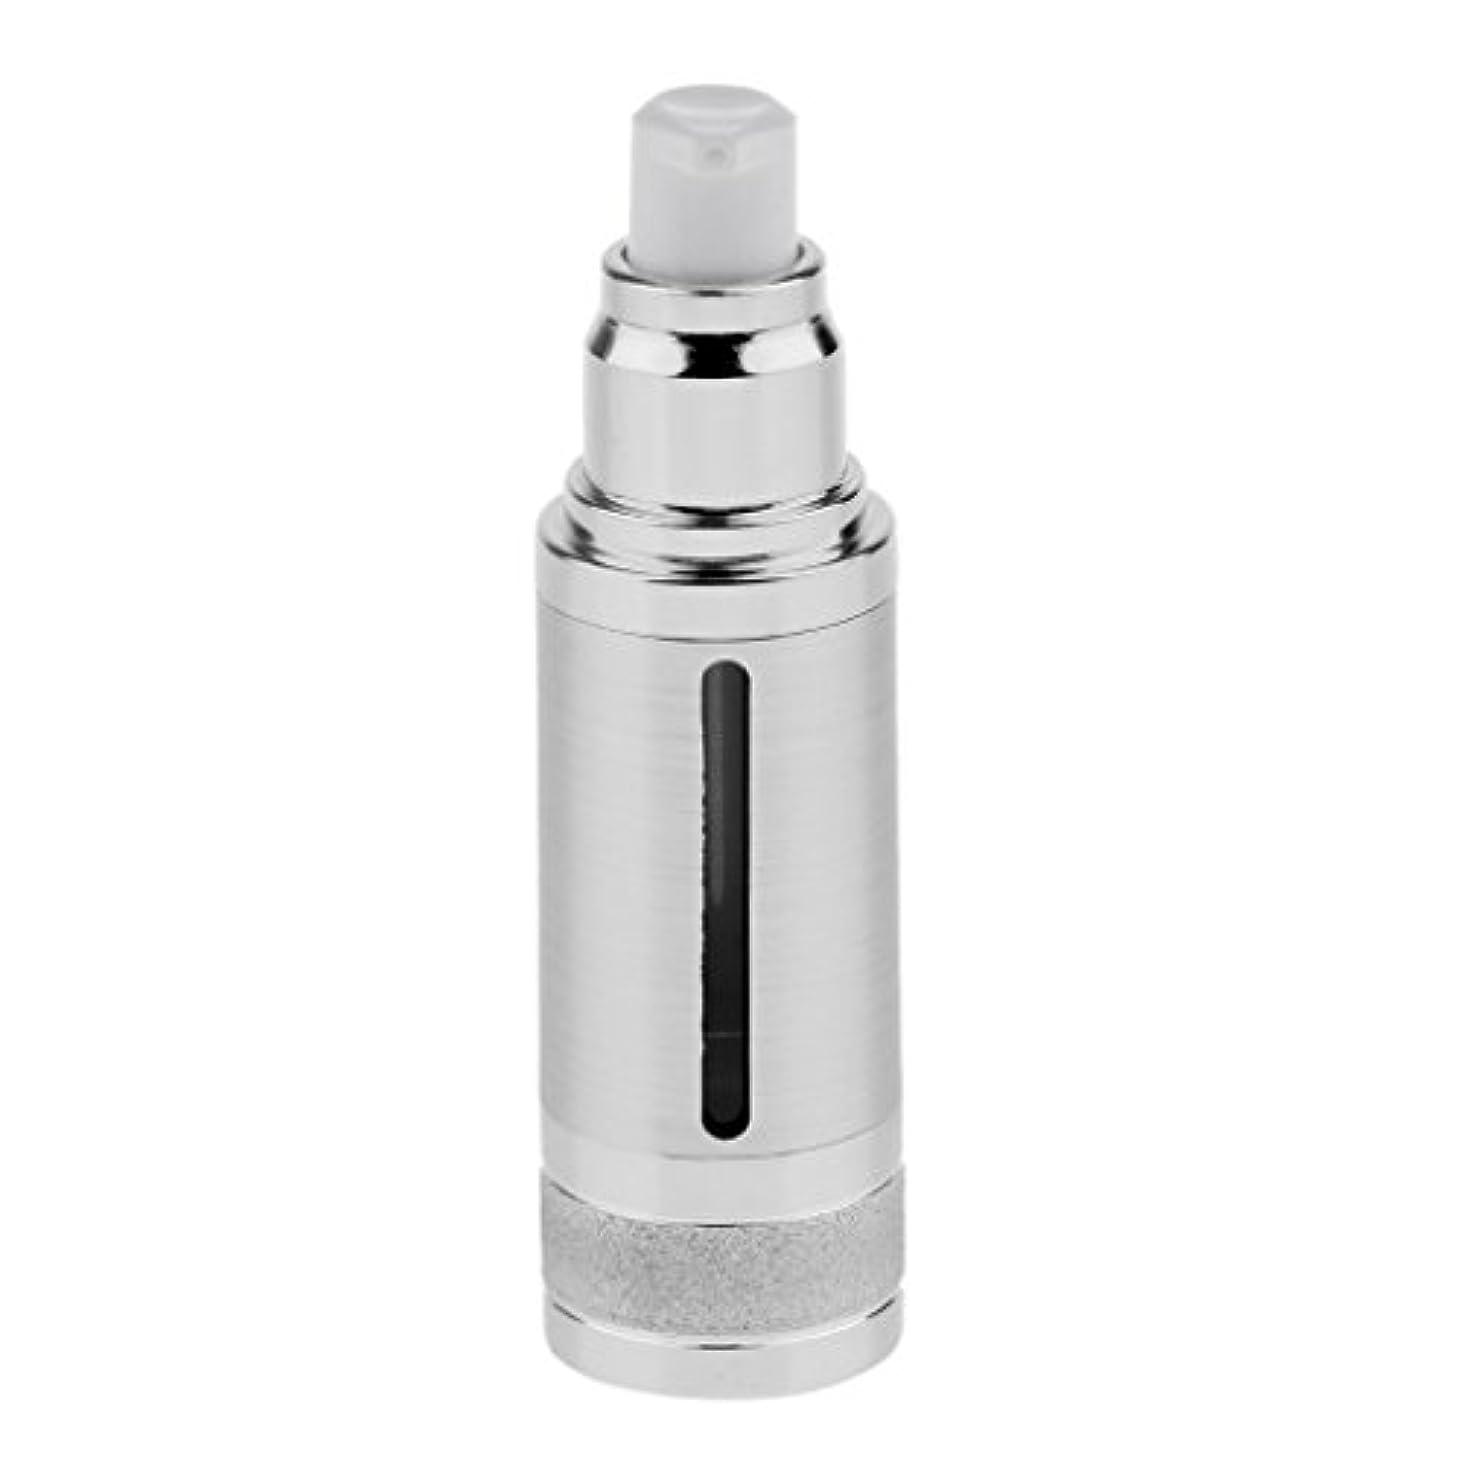 ポジションブルゴーニュ必要としているポンプボトル 空ボトル エアレスボトル 30ml 化粧品 コスメ 香水 オイル 詰替え 容器 DIY 2色選べる - 銀